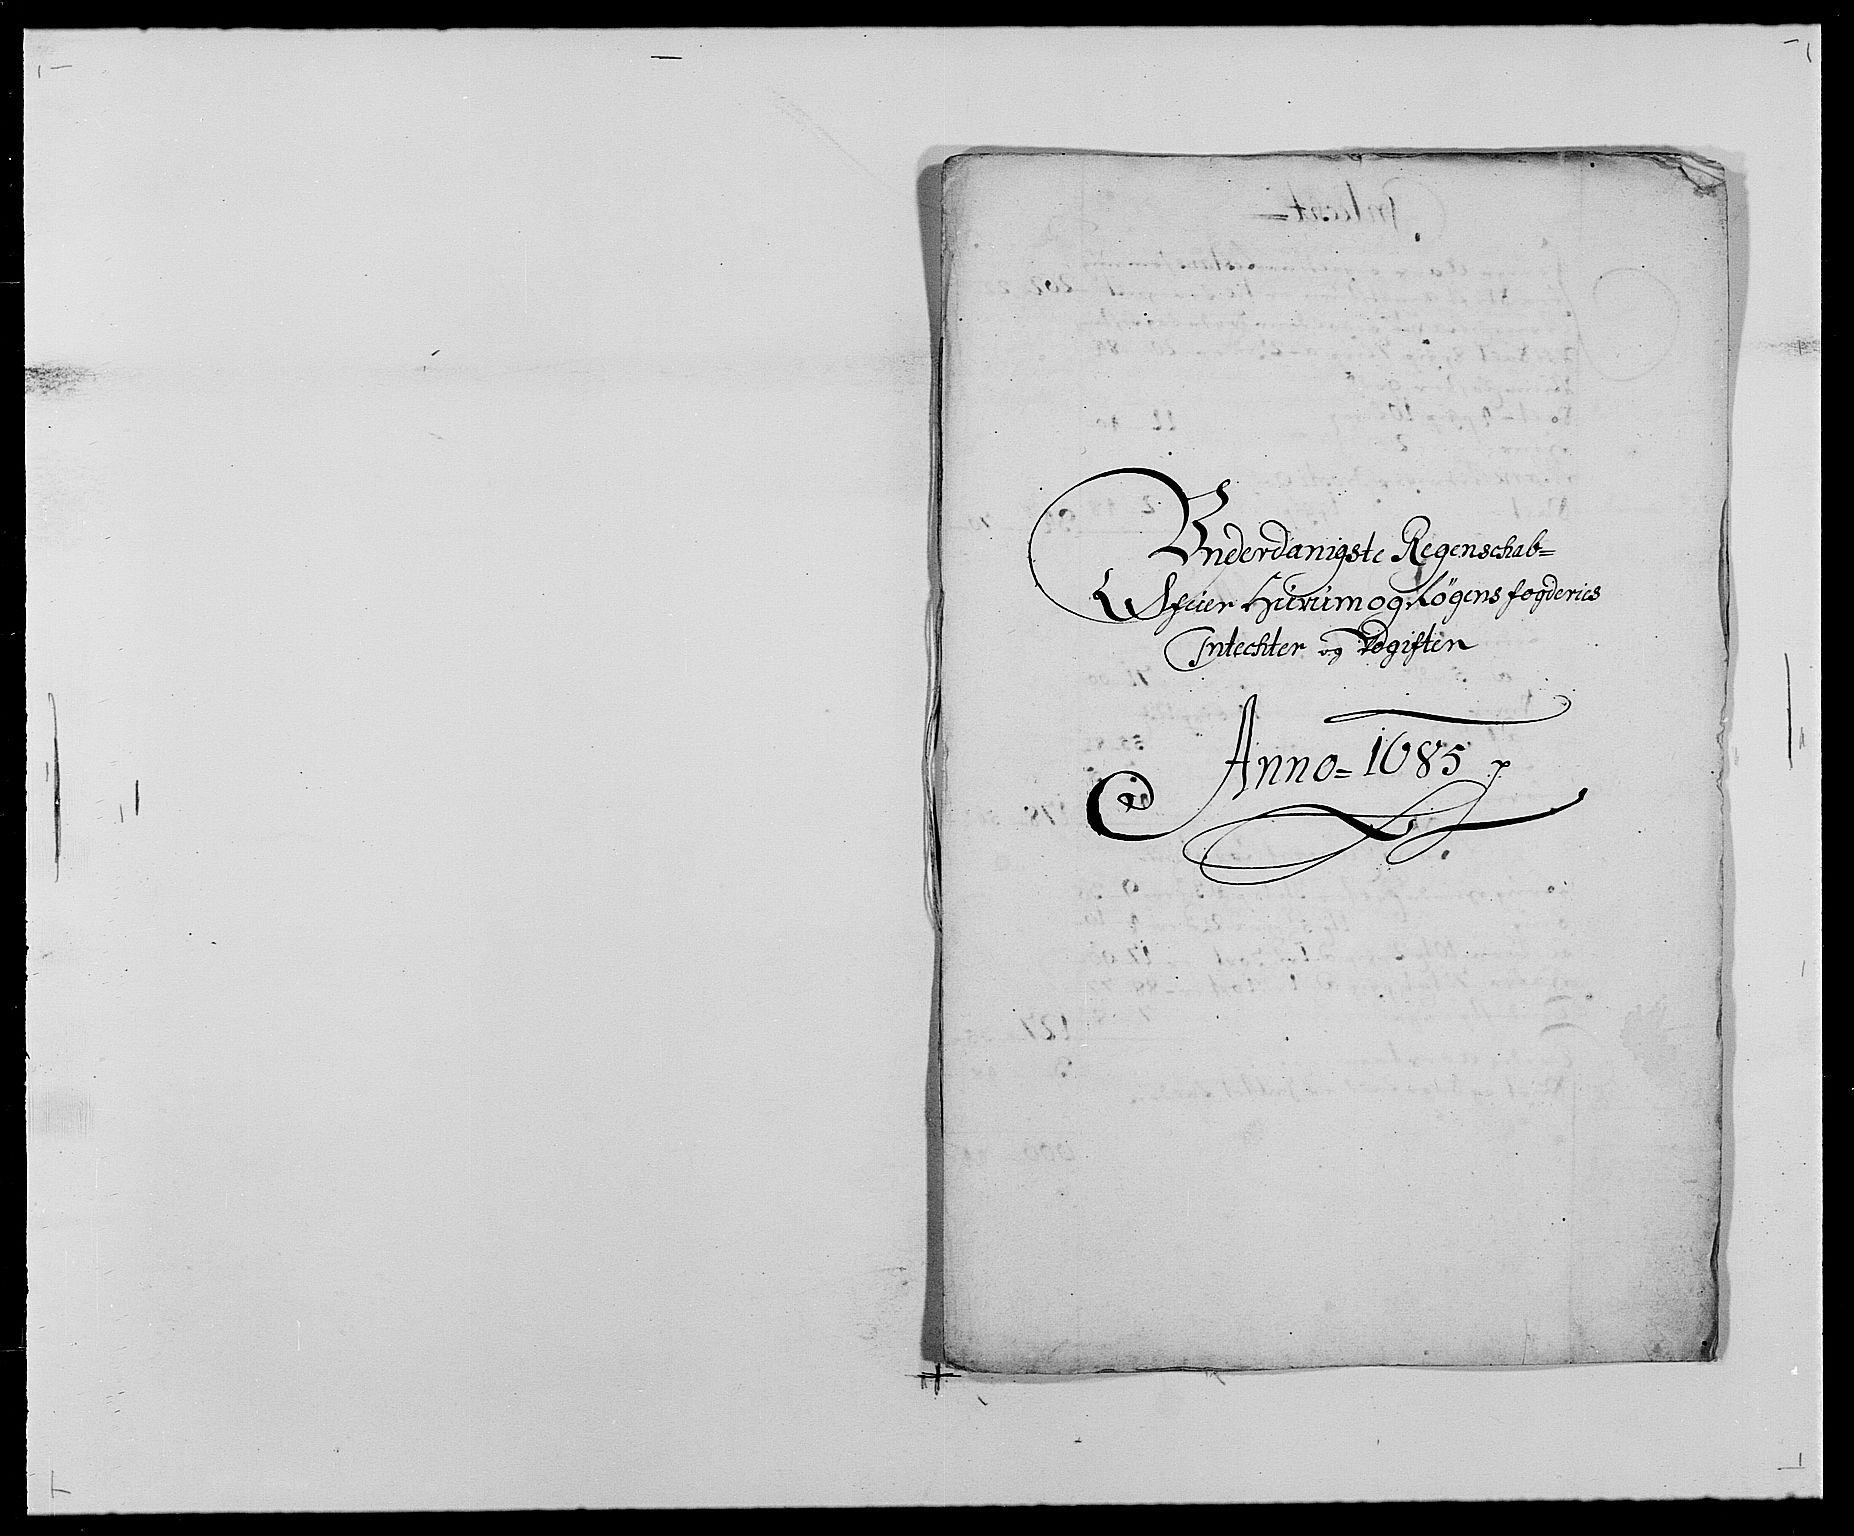 RA, Rentekammeret inntil 1814, Reviderte regnskaper, Fogderegnskap, R29/L1692: Fogderegnskap Hurum og Røyken, 1682-1687, s. 227